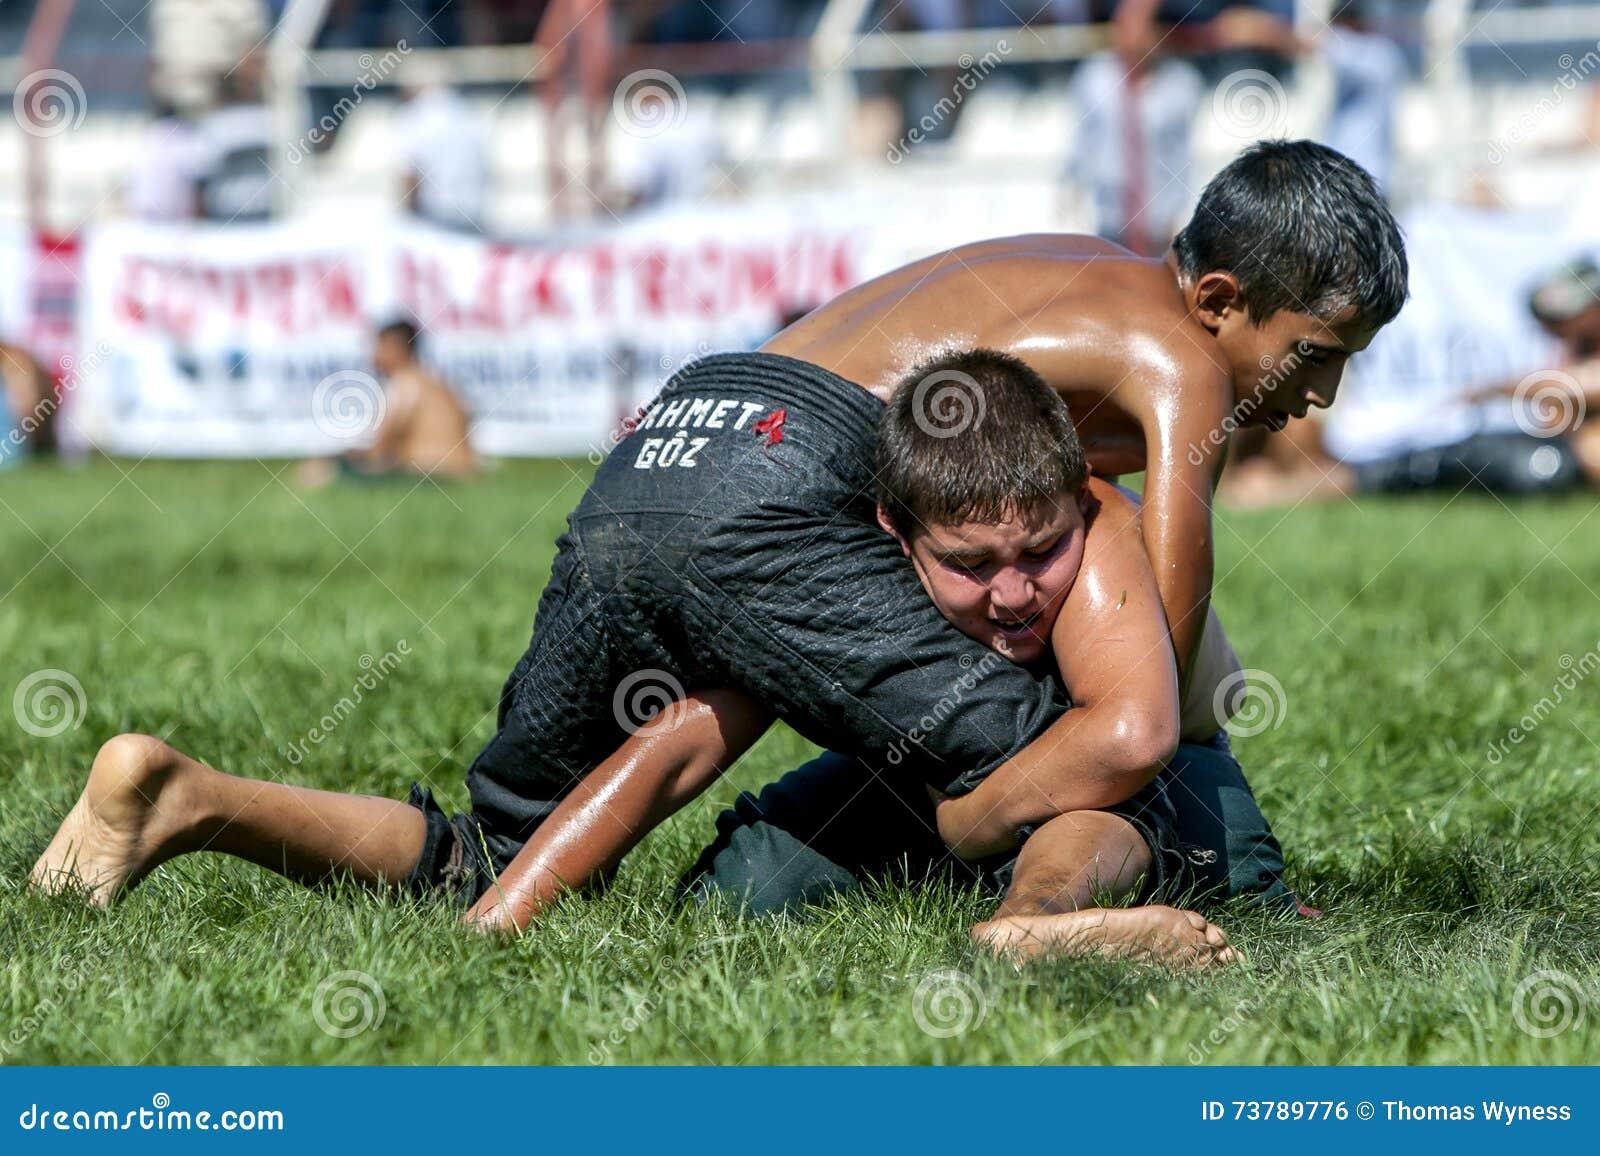 forced wrestling